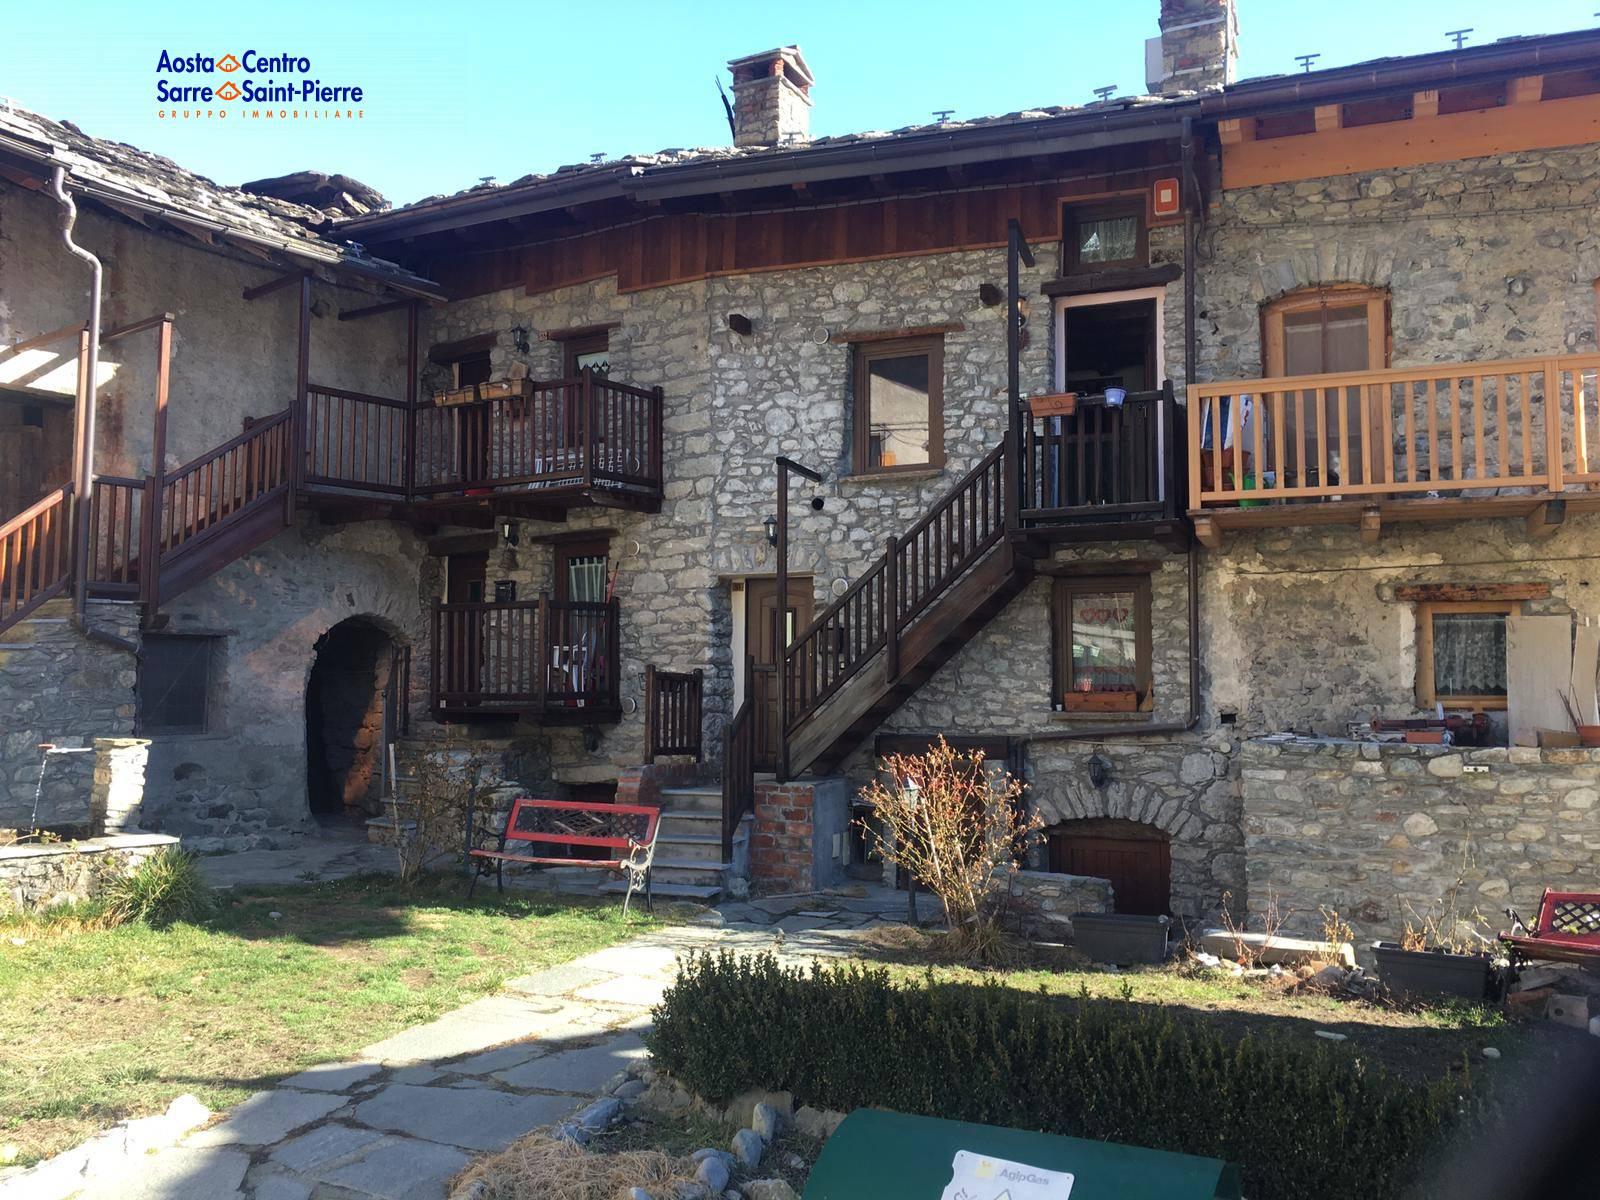 Appartamento in vendita a Gignod, 3 locali, prezzo € 95.000 | PortaleAgenzieImmobiliari.it